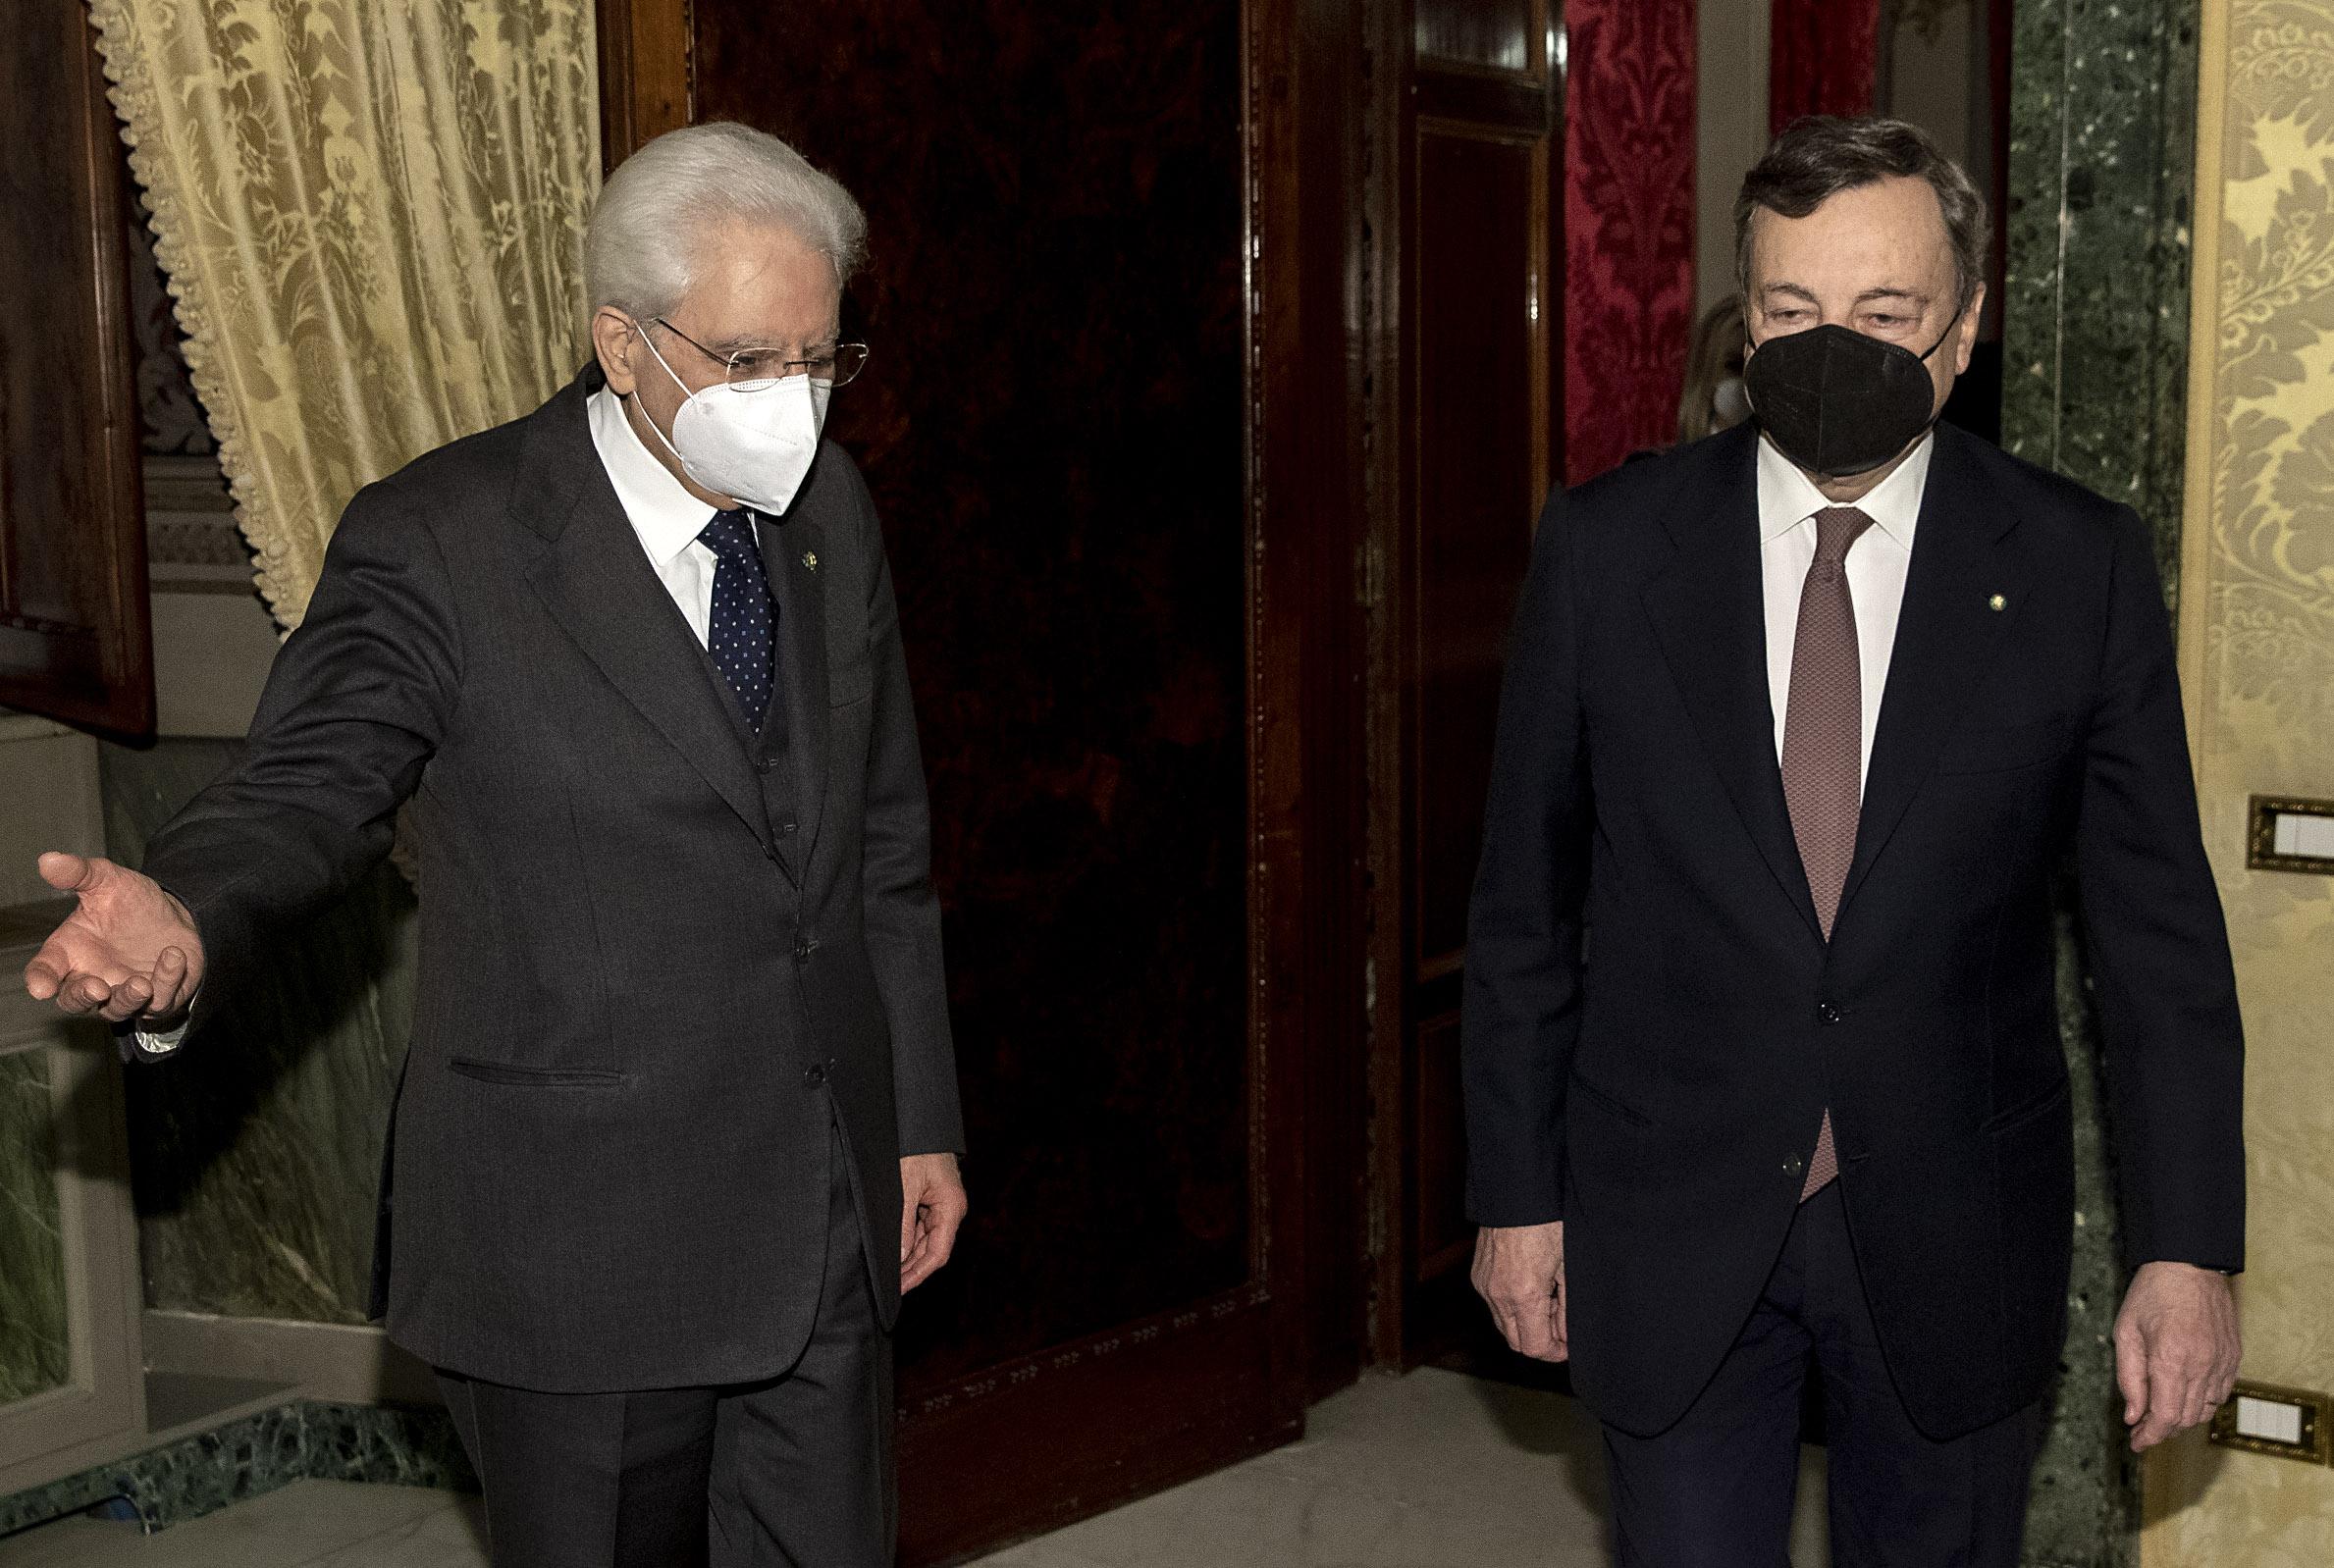 我告訴你,馬塔雷拉和德拉吉將(不會)對俄羅斯和中國採取什麼行動。教授。皮蘭達